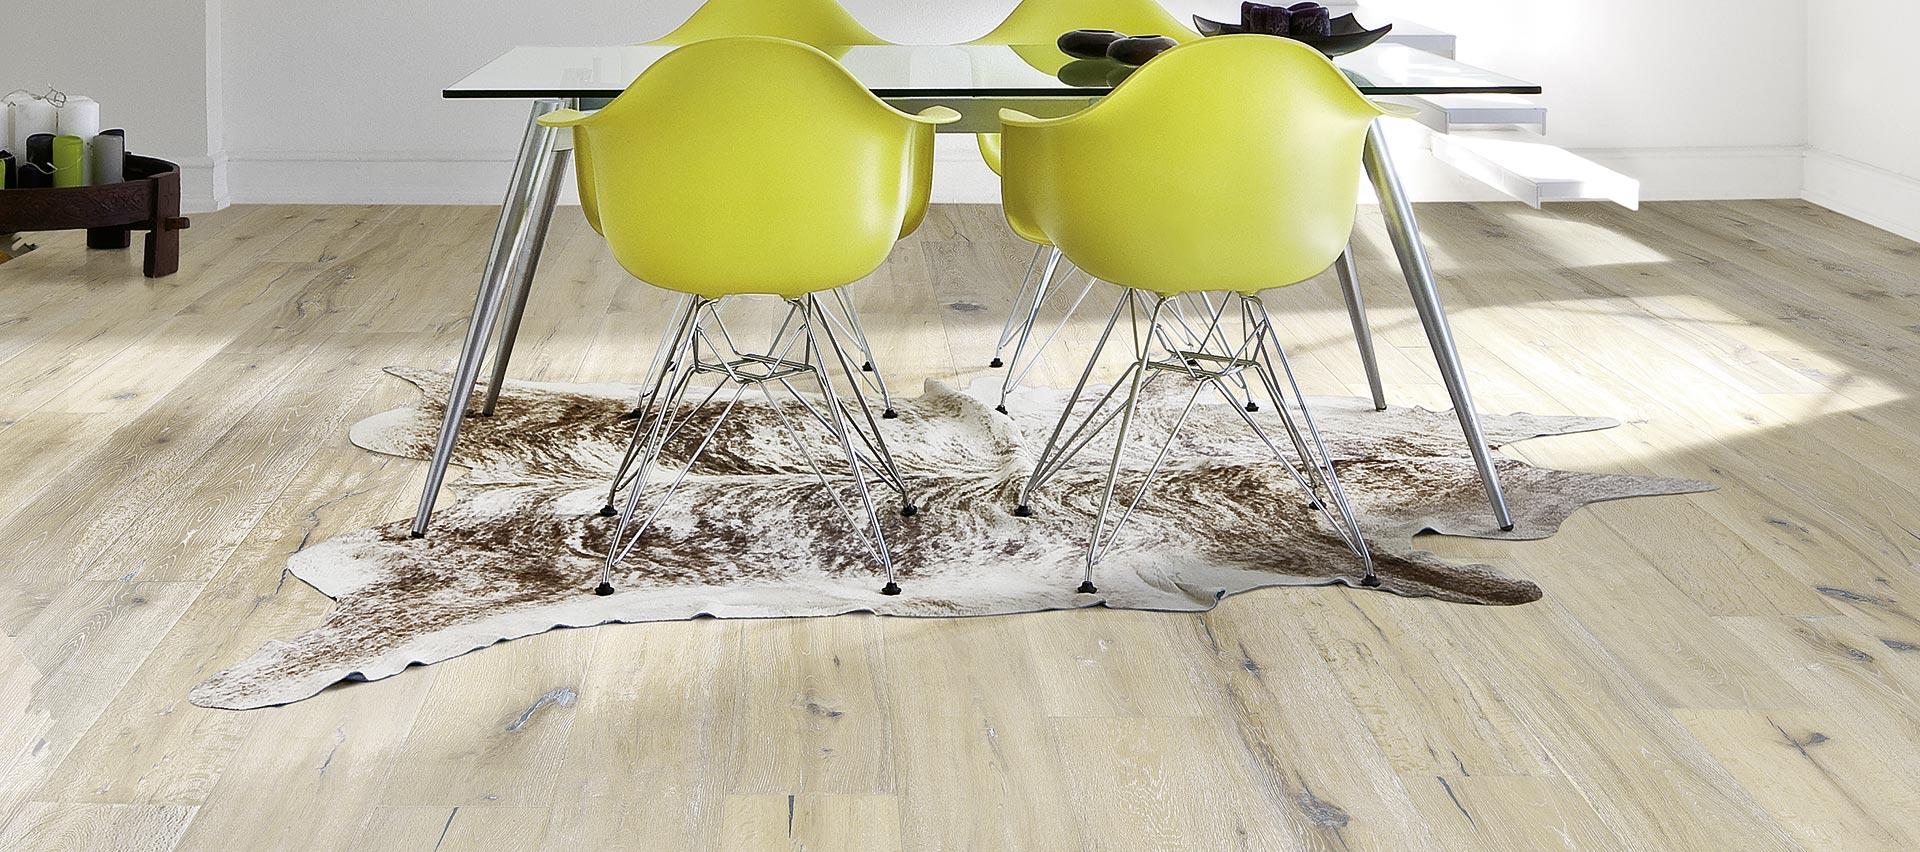 Wohnen mit Böden von Holz-Hauff in Leingarten